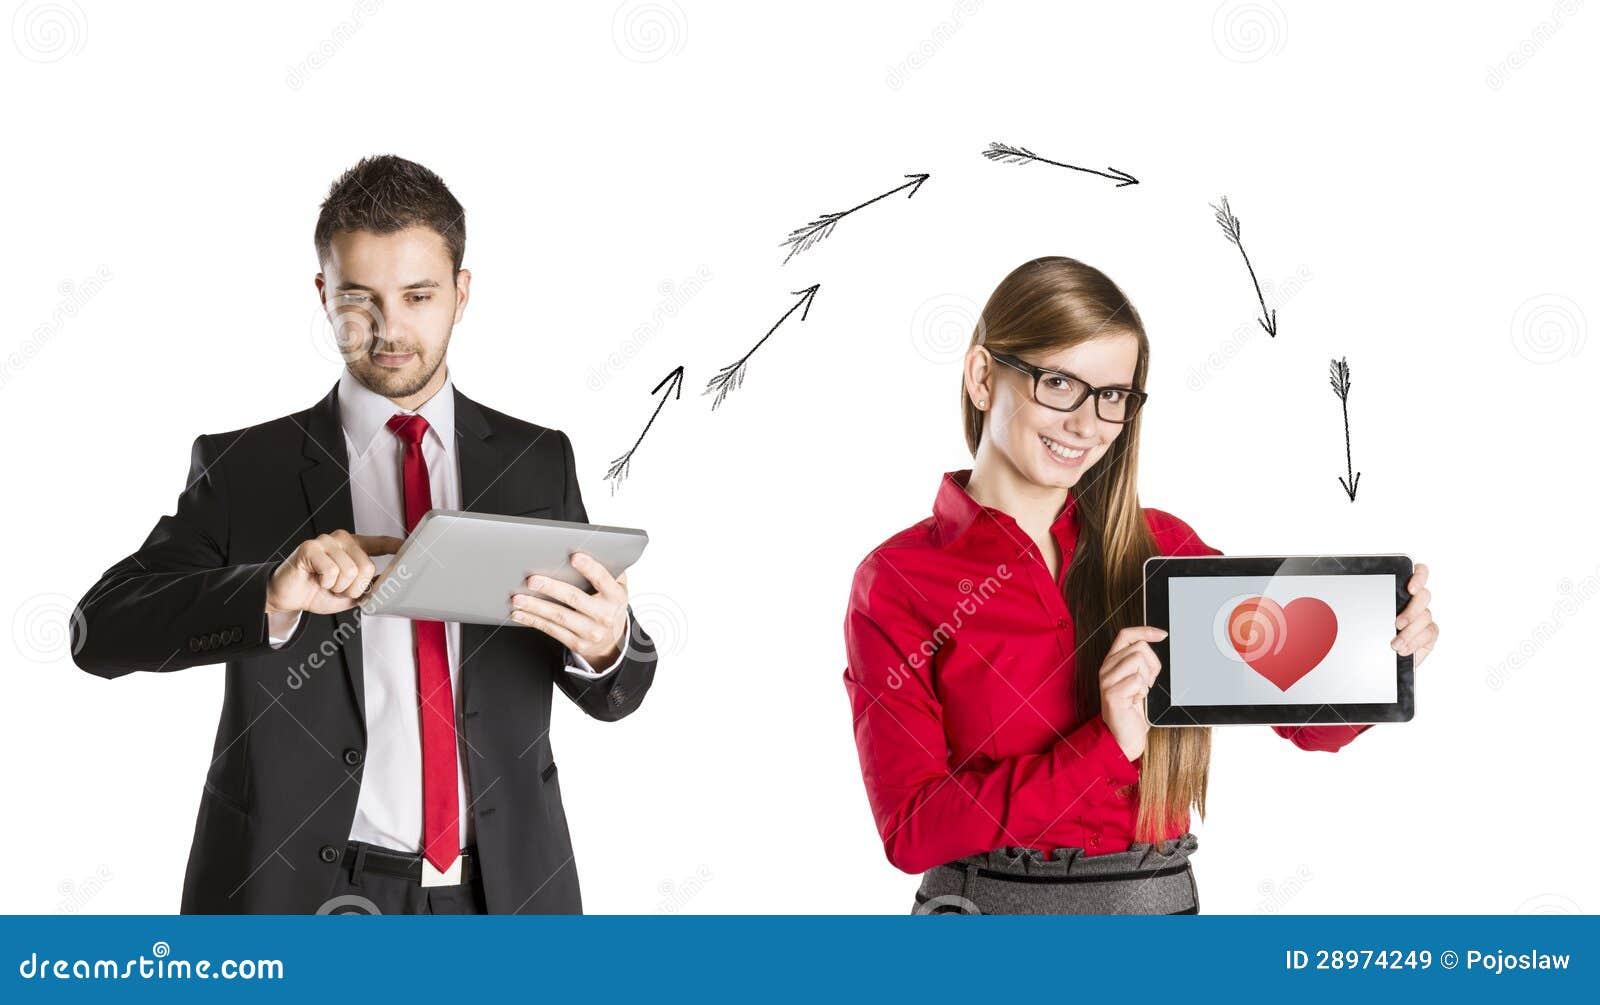 Unterschied zwischen Hookup und Dating